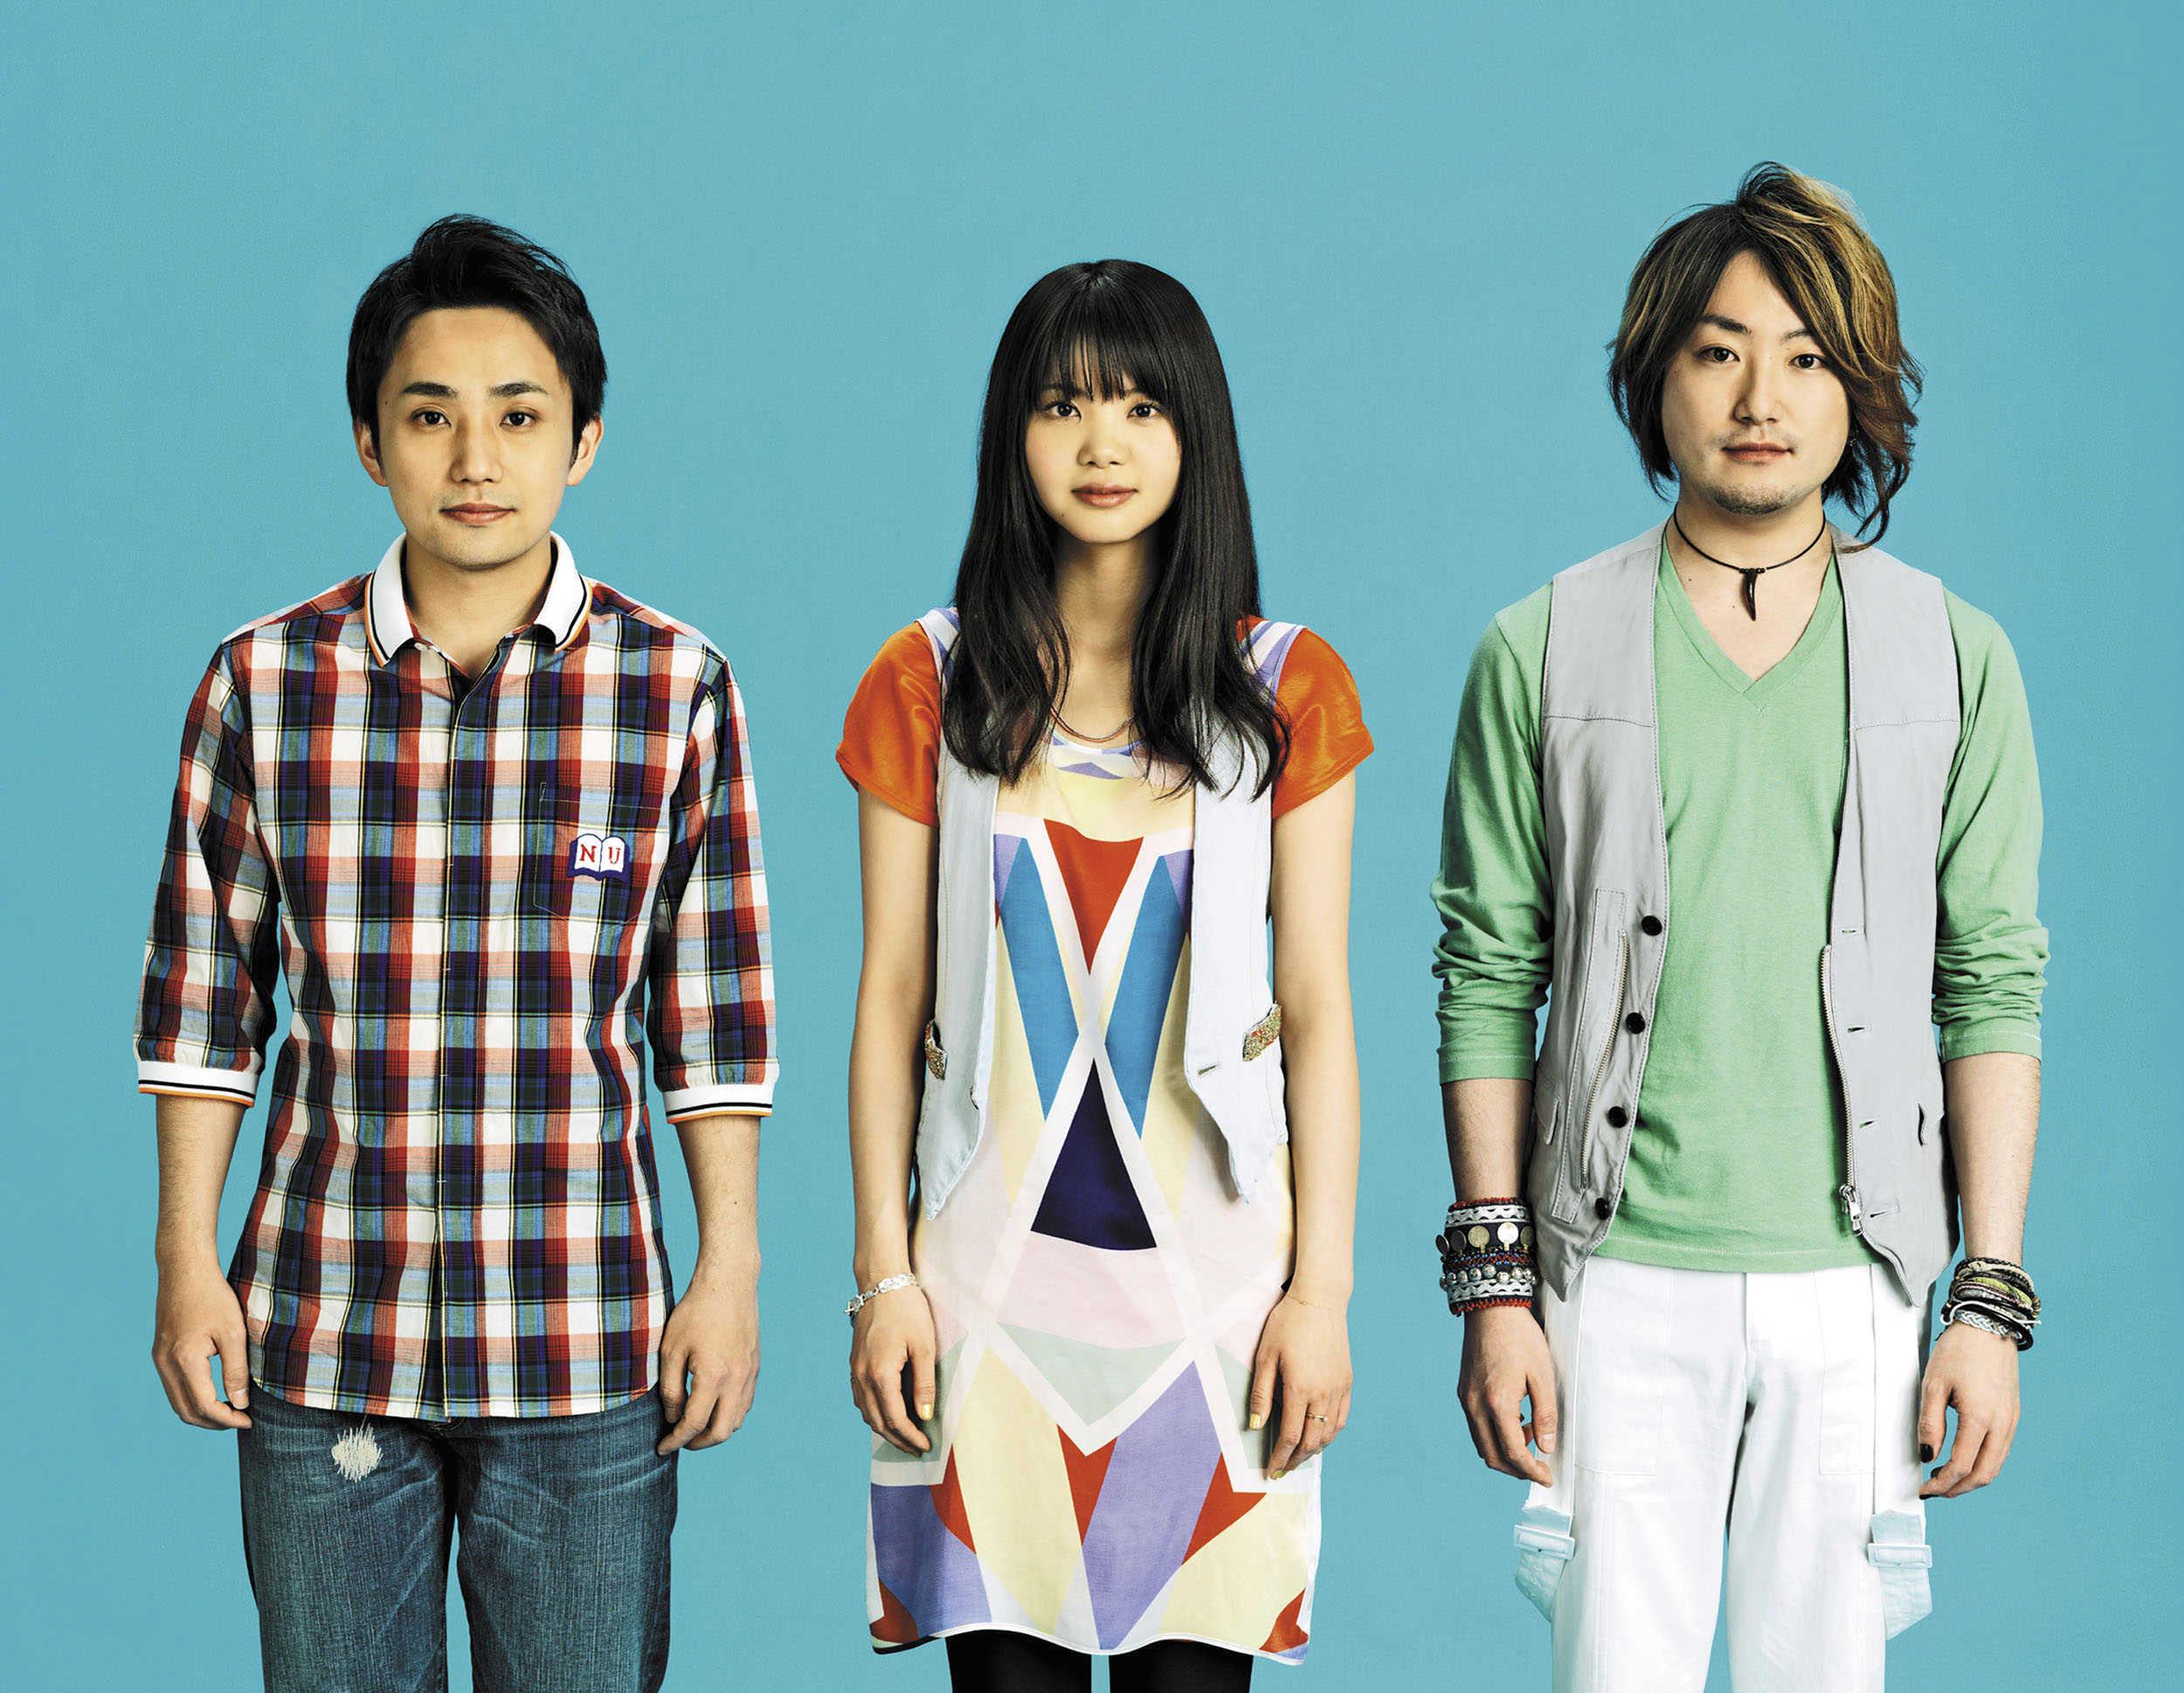 大人気グループいきものがかりのシングル曲売上ランキングベスト3のサムネイル画像